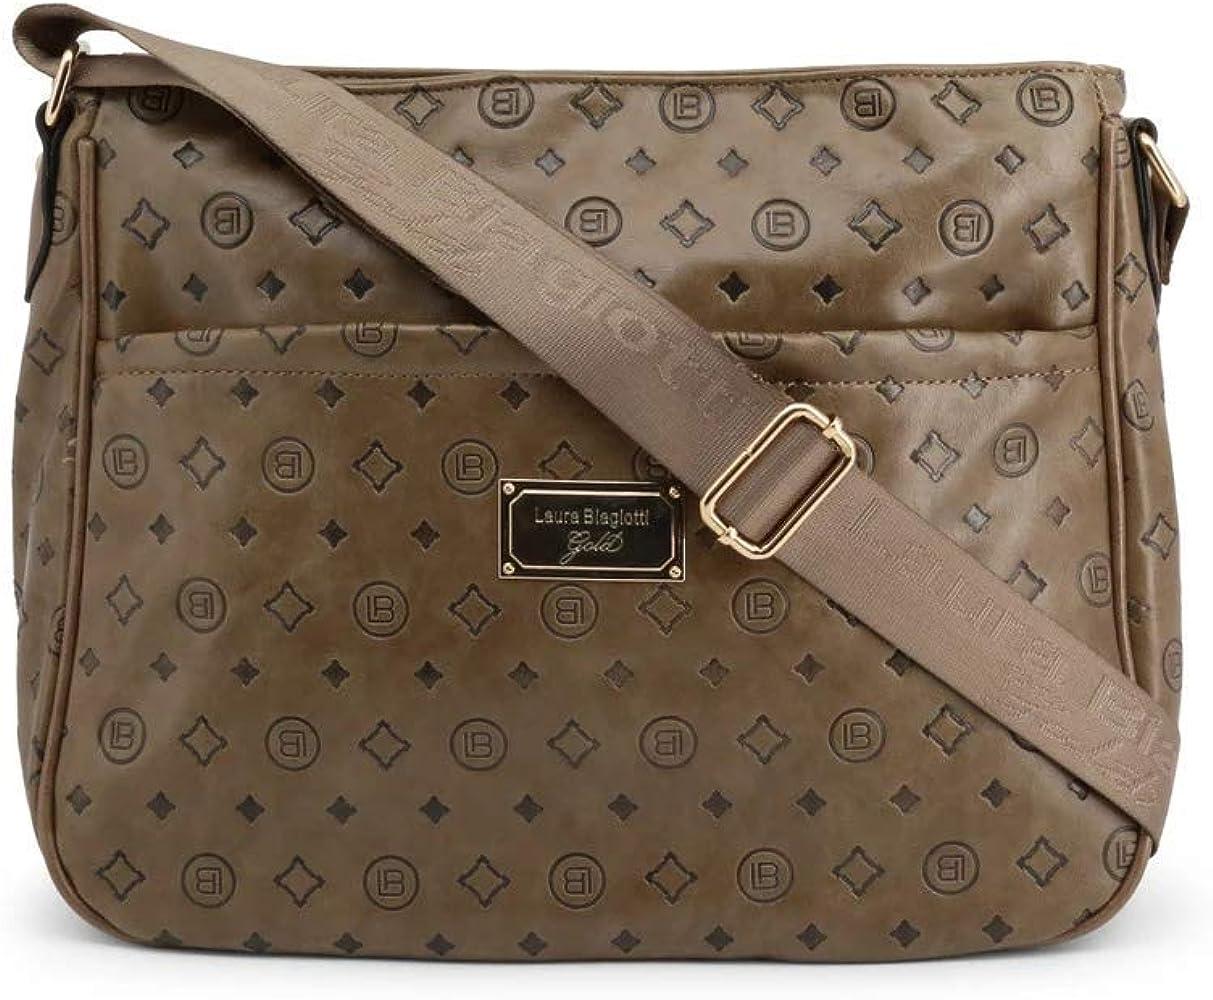 Crossbody Bag Laura Biagiotti LB001-02